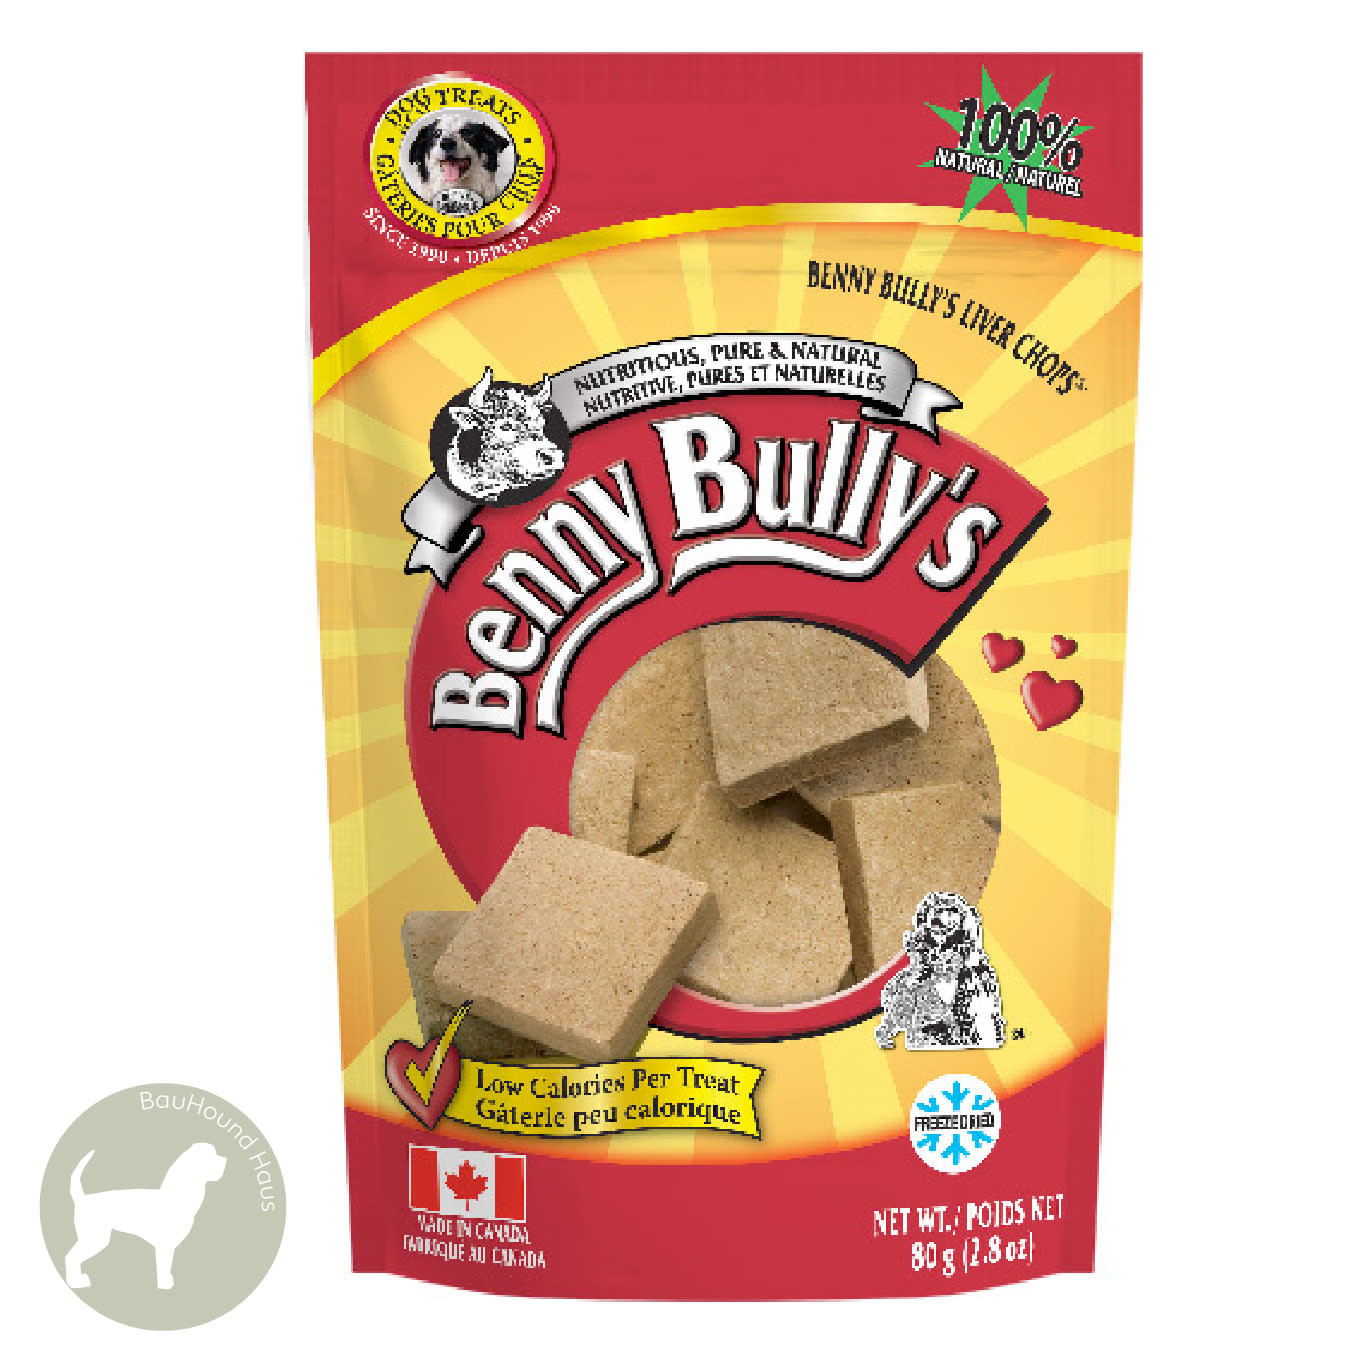 Benny Bully's Benny Bully's Beef Liver Treats, 80g